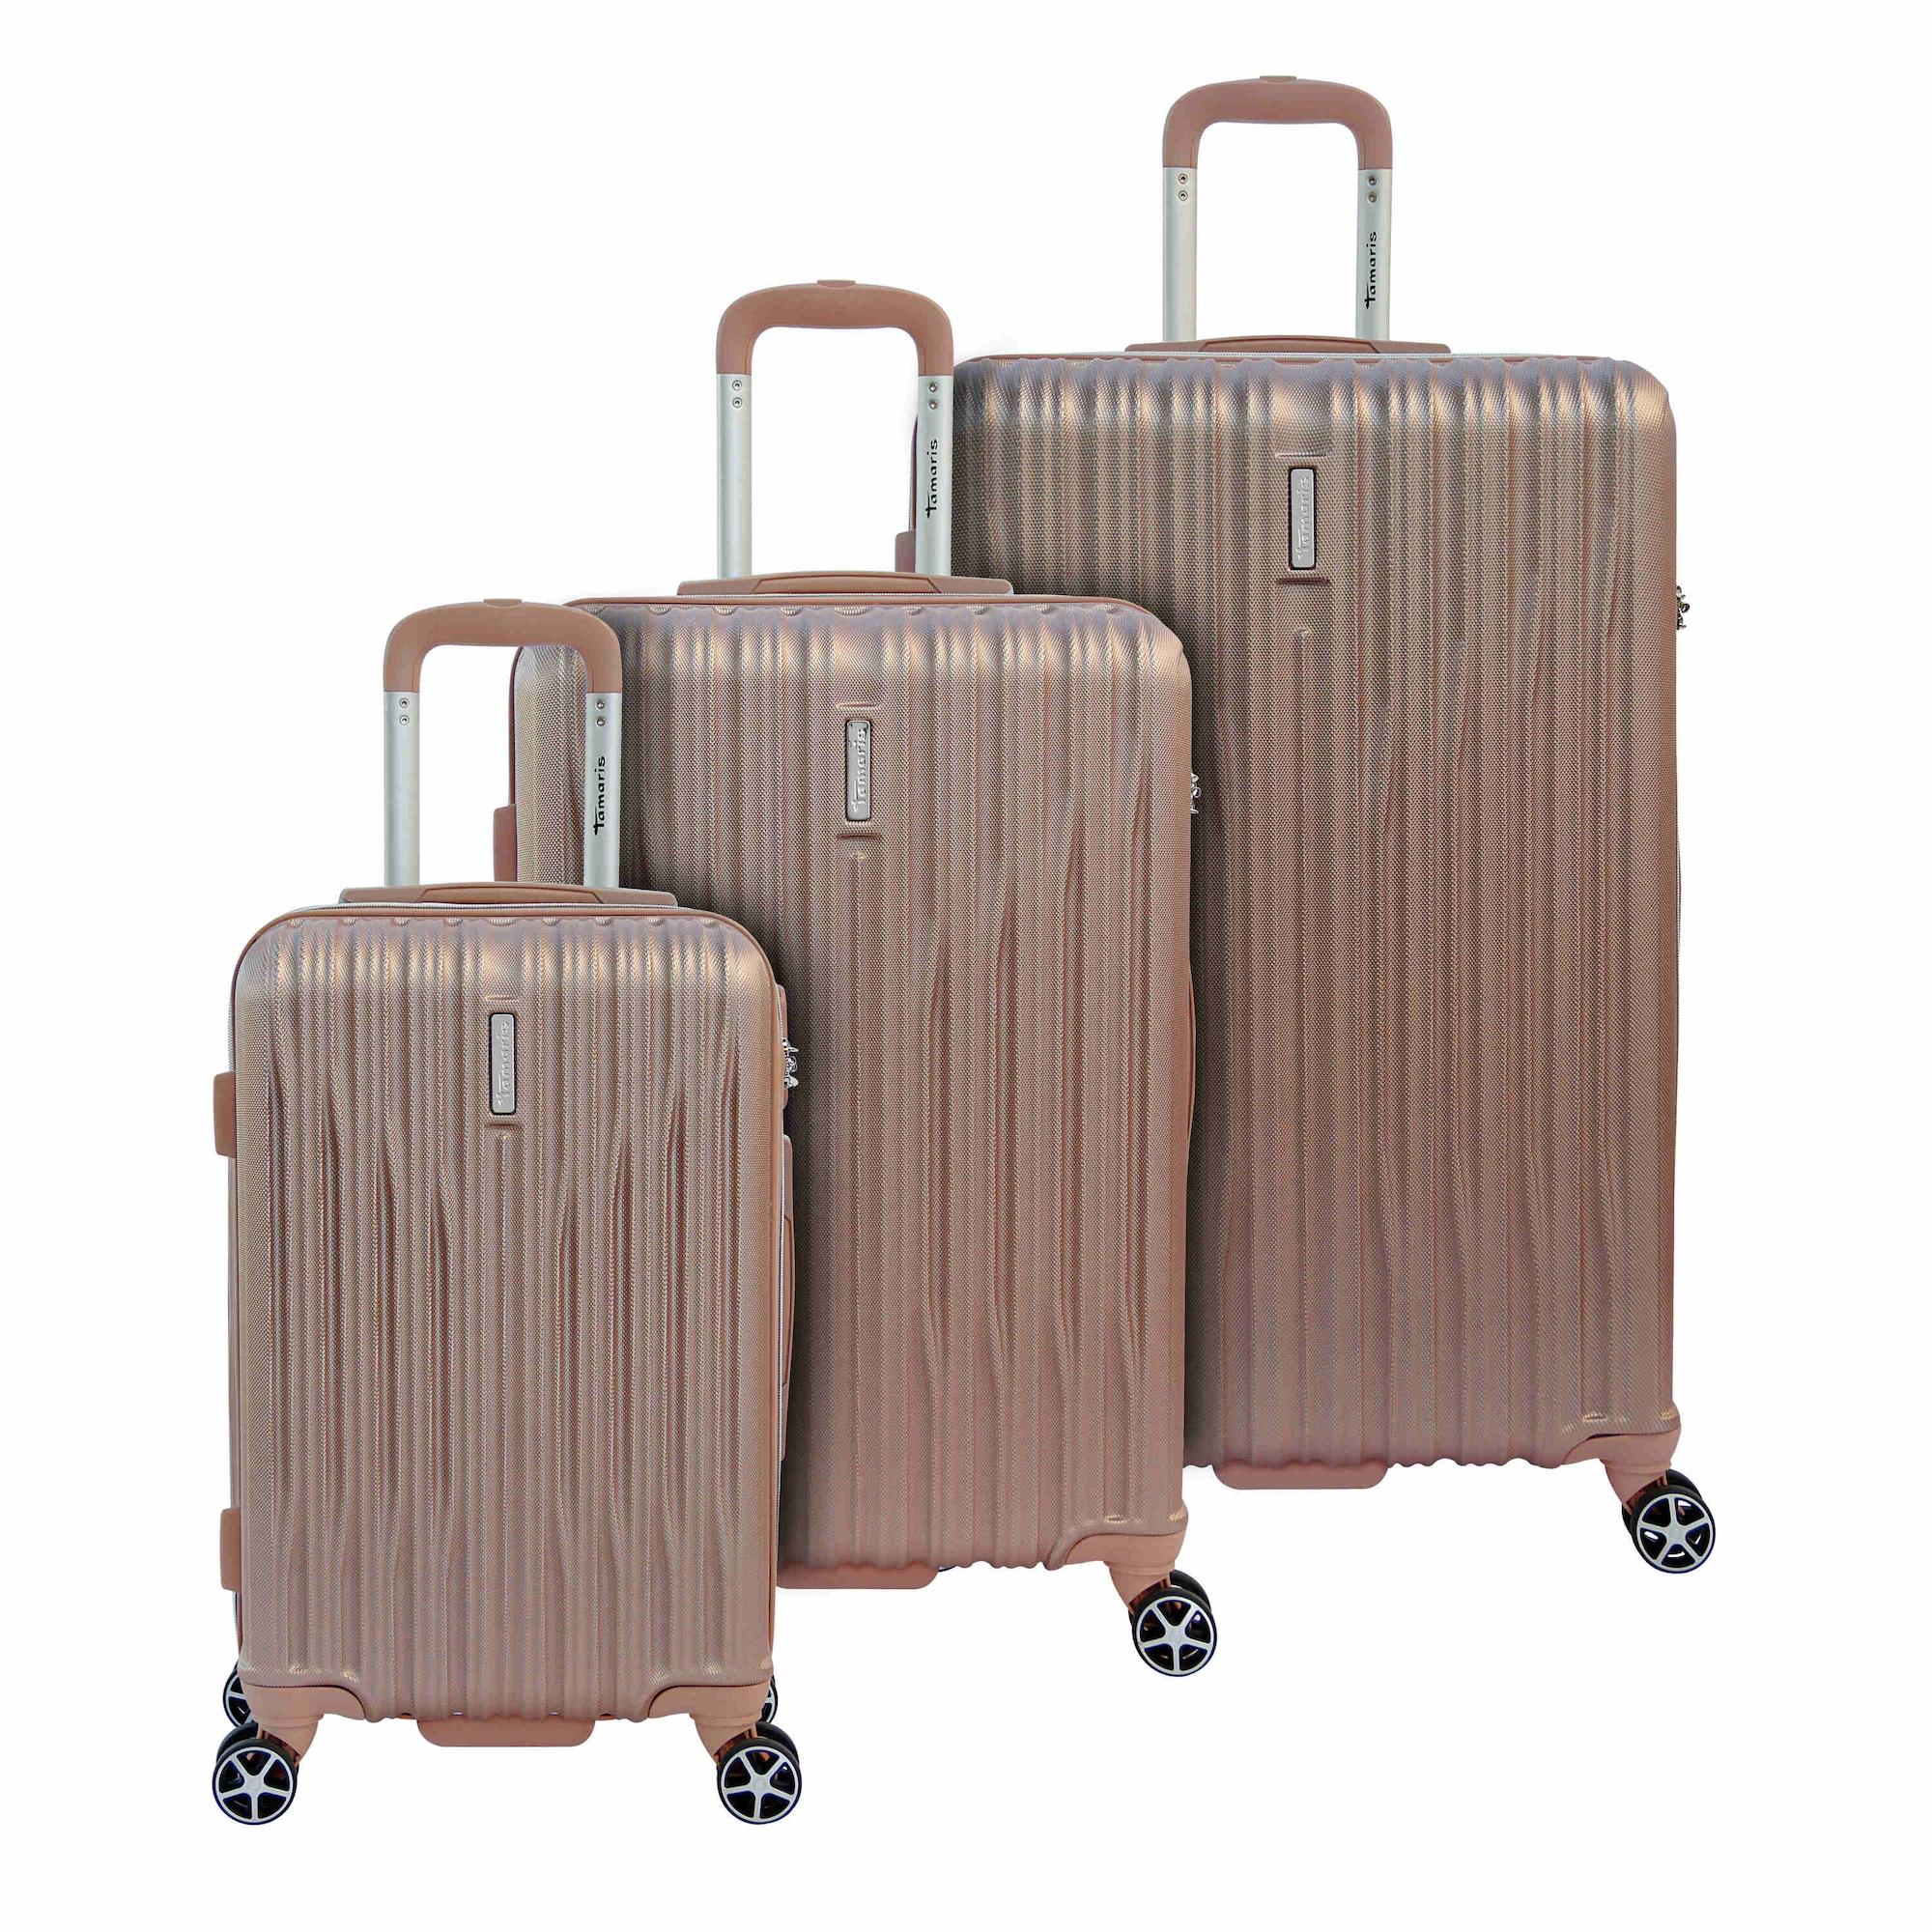 Kofferset | Taschen > Koffer & Trolleys > Koffersets | tamaris